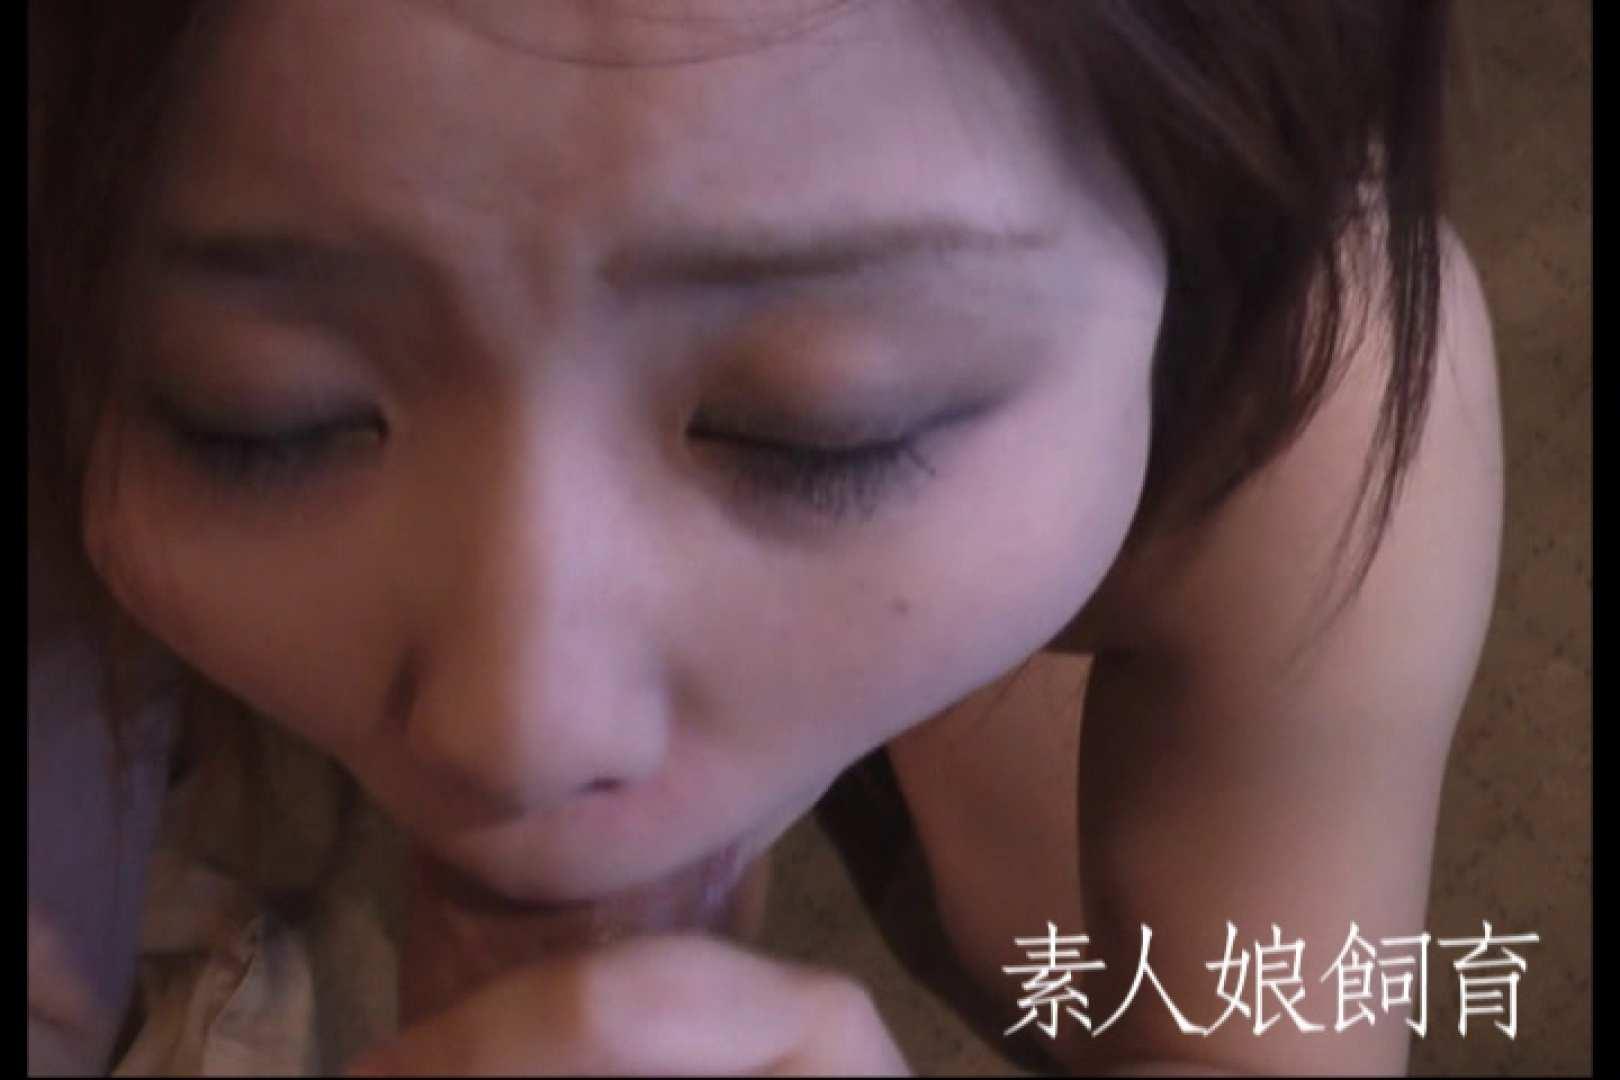 素人嬢飼育~お前の餌は他人棒~貸出しイラマチオ 一般投稿 ヌード画像 69pic 47